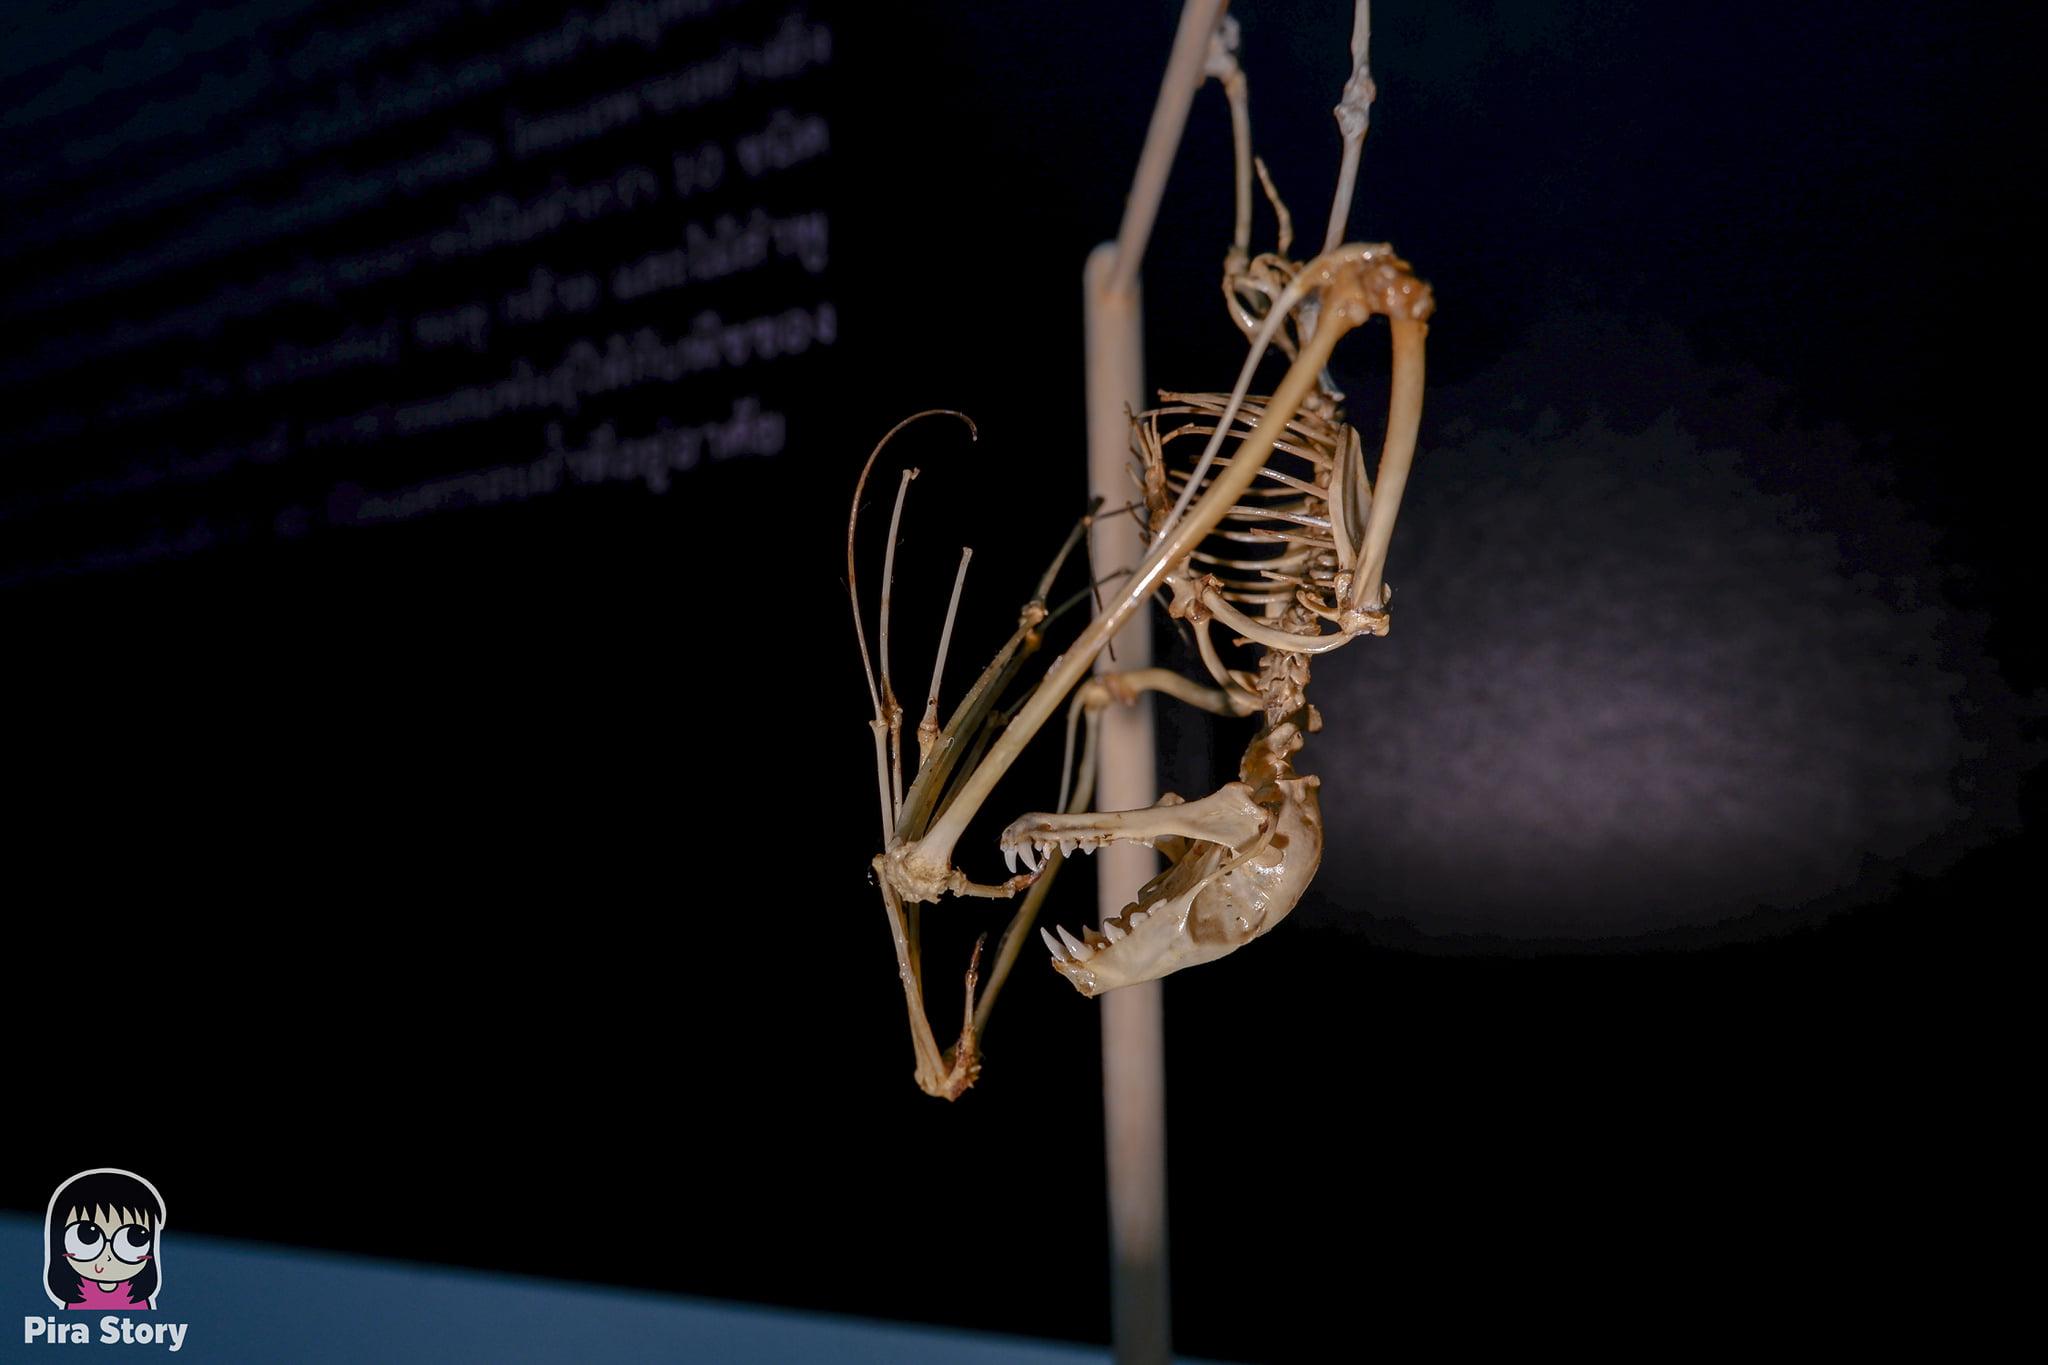 ความลับของโครงกระดูก Skeleton's Secrets ศึกษากายวิภาคสัตว์ ที่พิพิธภัณฑ์ จุฬาลงกรณ์มหาวิทยาลัย คณะวิทยาศาสตร์ ชีววิทยา Night at the museum 2020 เที่ยวพิพิธภัณฑ์ เที่ยวกรุงเทพ สยาม กระดูกสัตว์ กายวิภาคศาสตร์ โครงสร้างร่างกาย โครงสร้างกระดูก สัตว์เลี้ยงลูกด้วยนม สัตว์มีกระดูกสันหลัง กระดูกค้างคาว